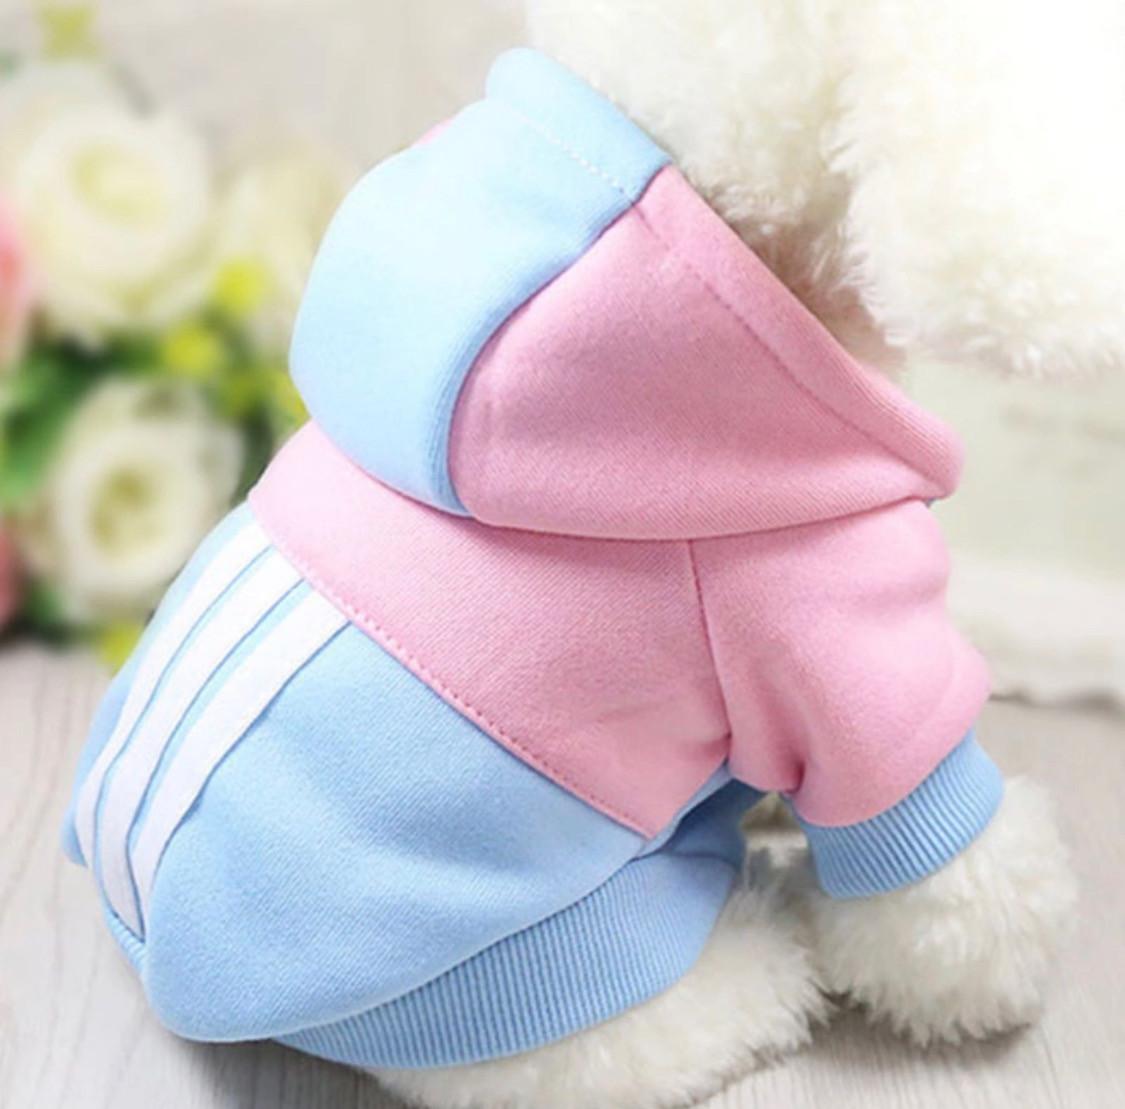 Одежда для собак зимняя мягкая толстовка одежда для чихуахуа L